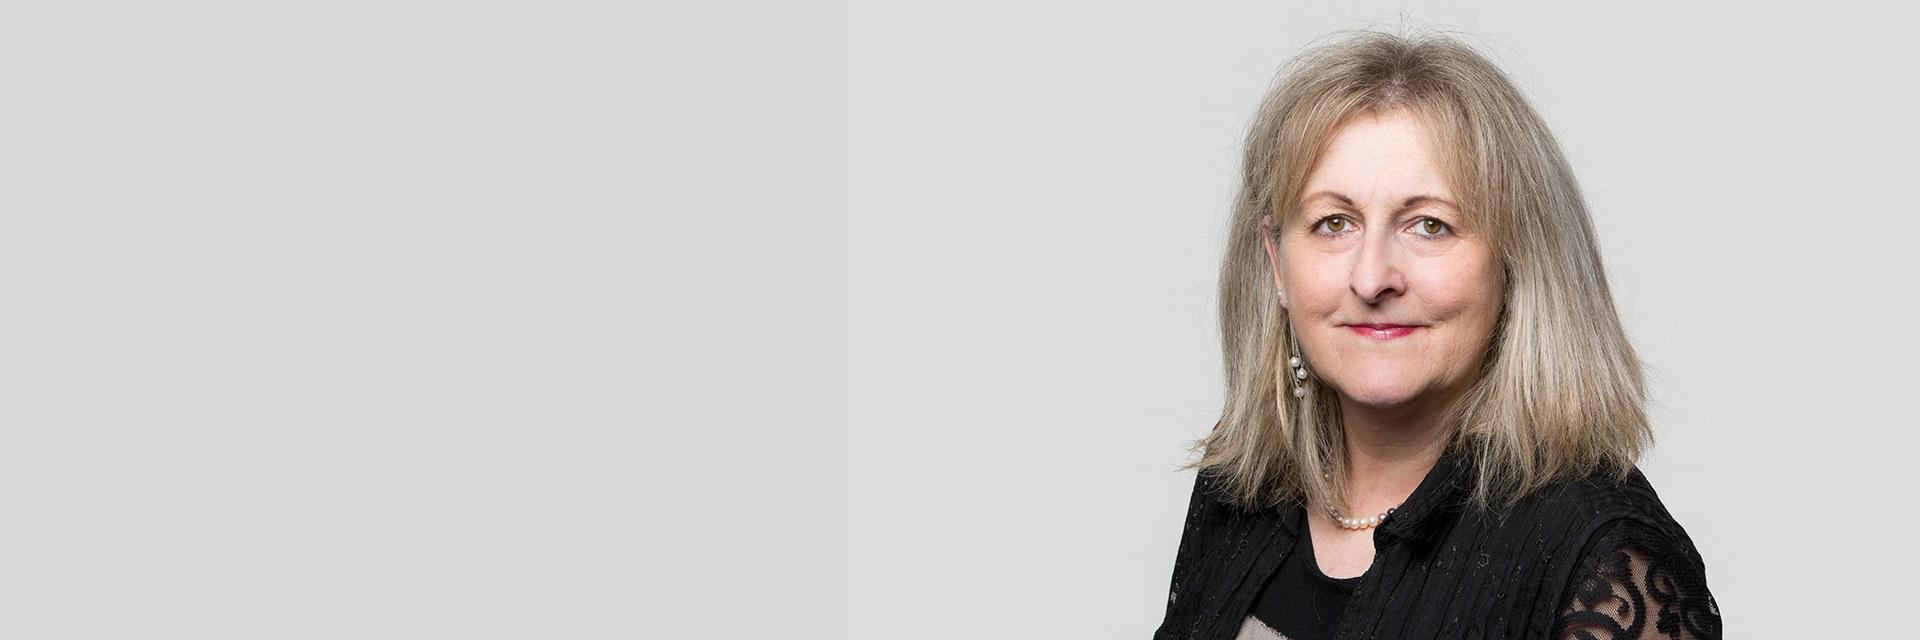 Susan Gloor